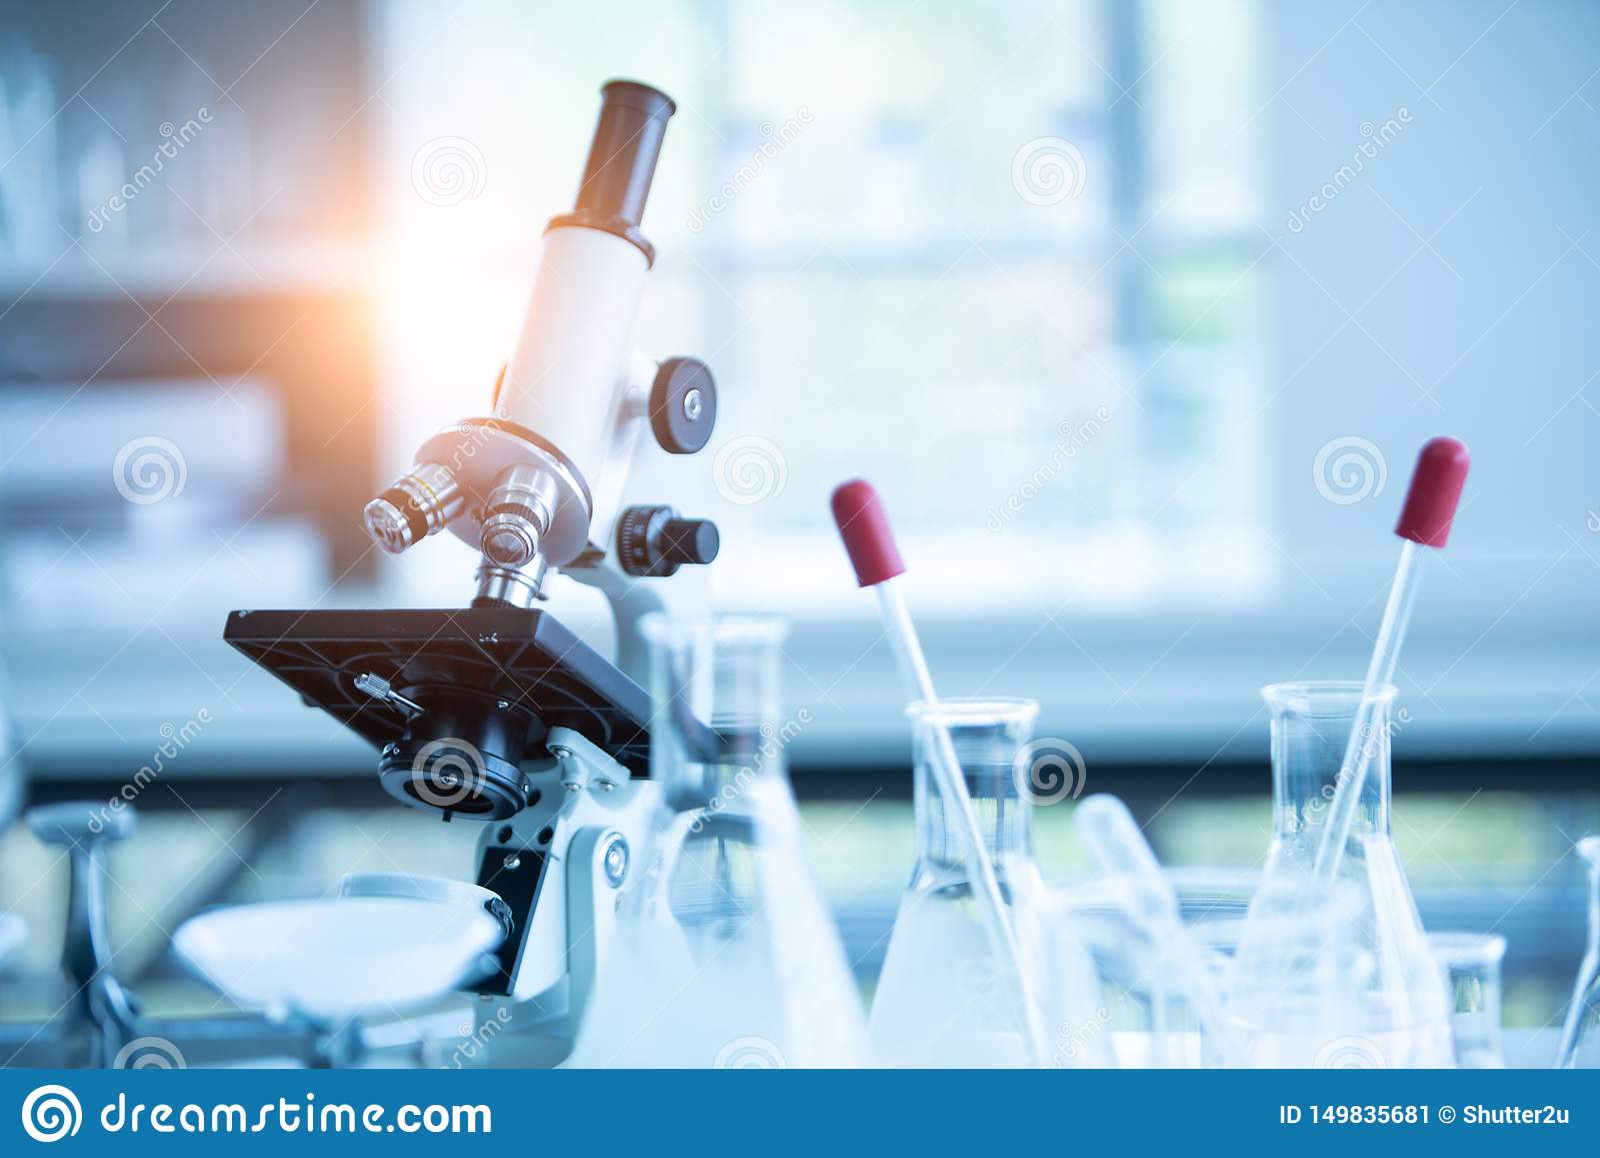 在化学生物实验室测试科学研究与开发和医疗保健概念背景的医学实验室显微镜